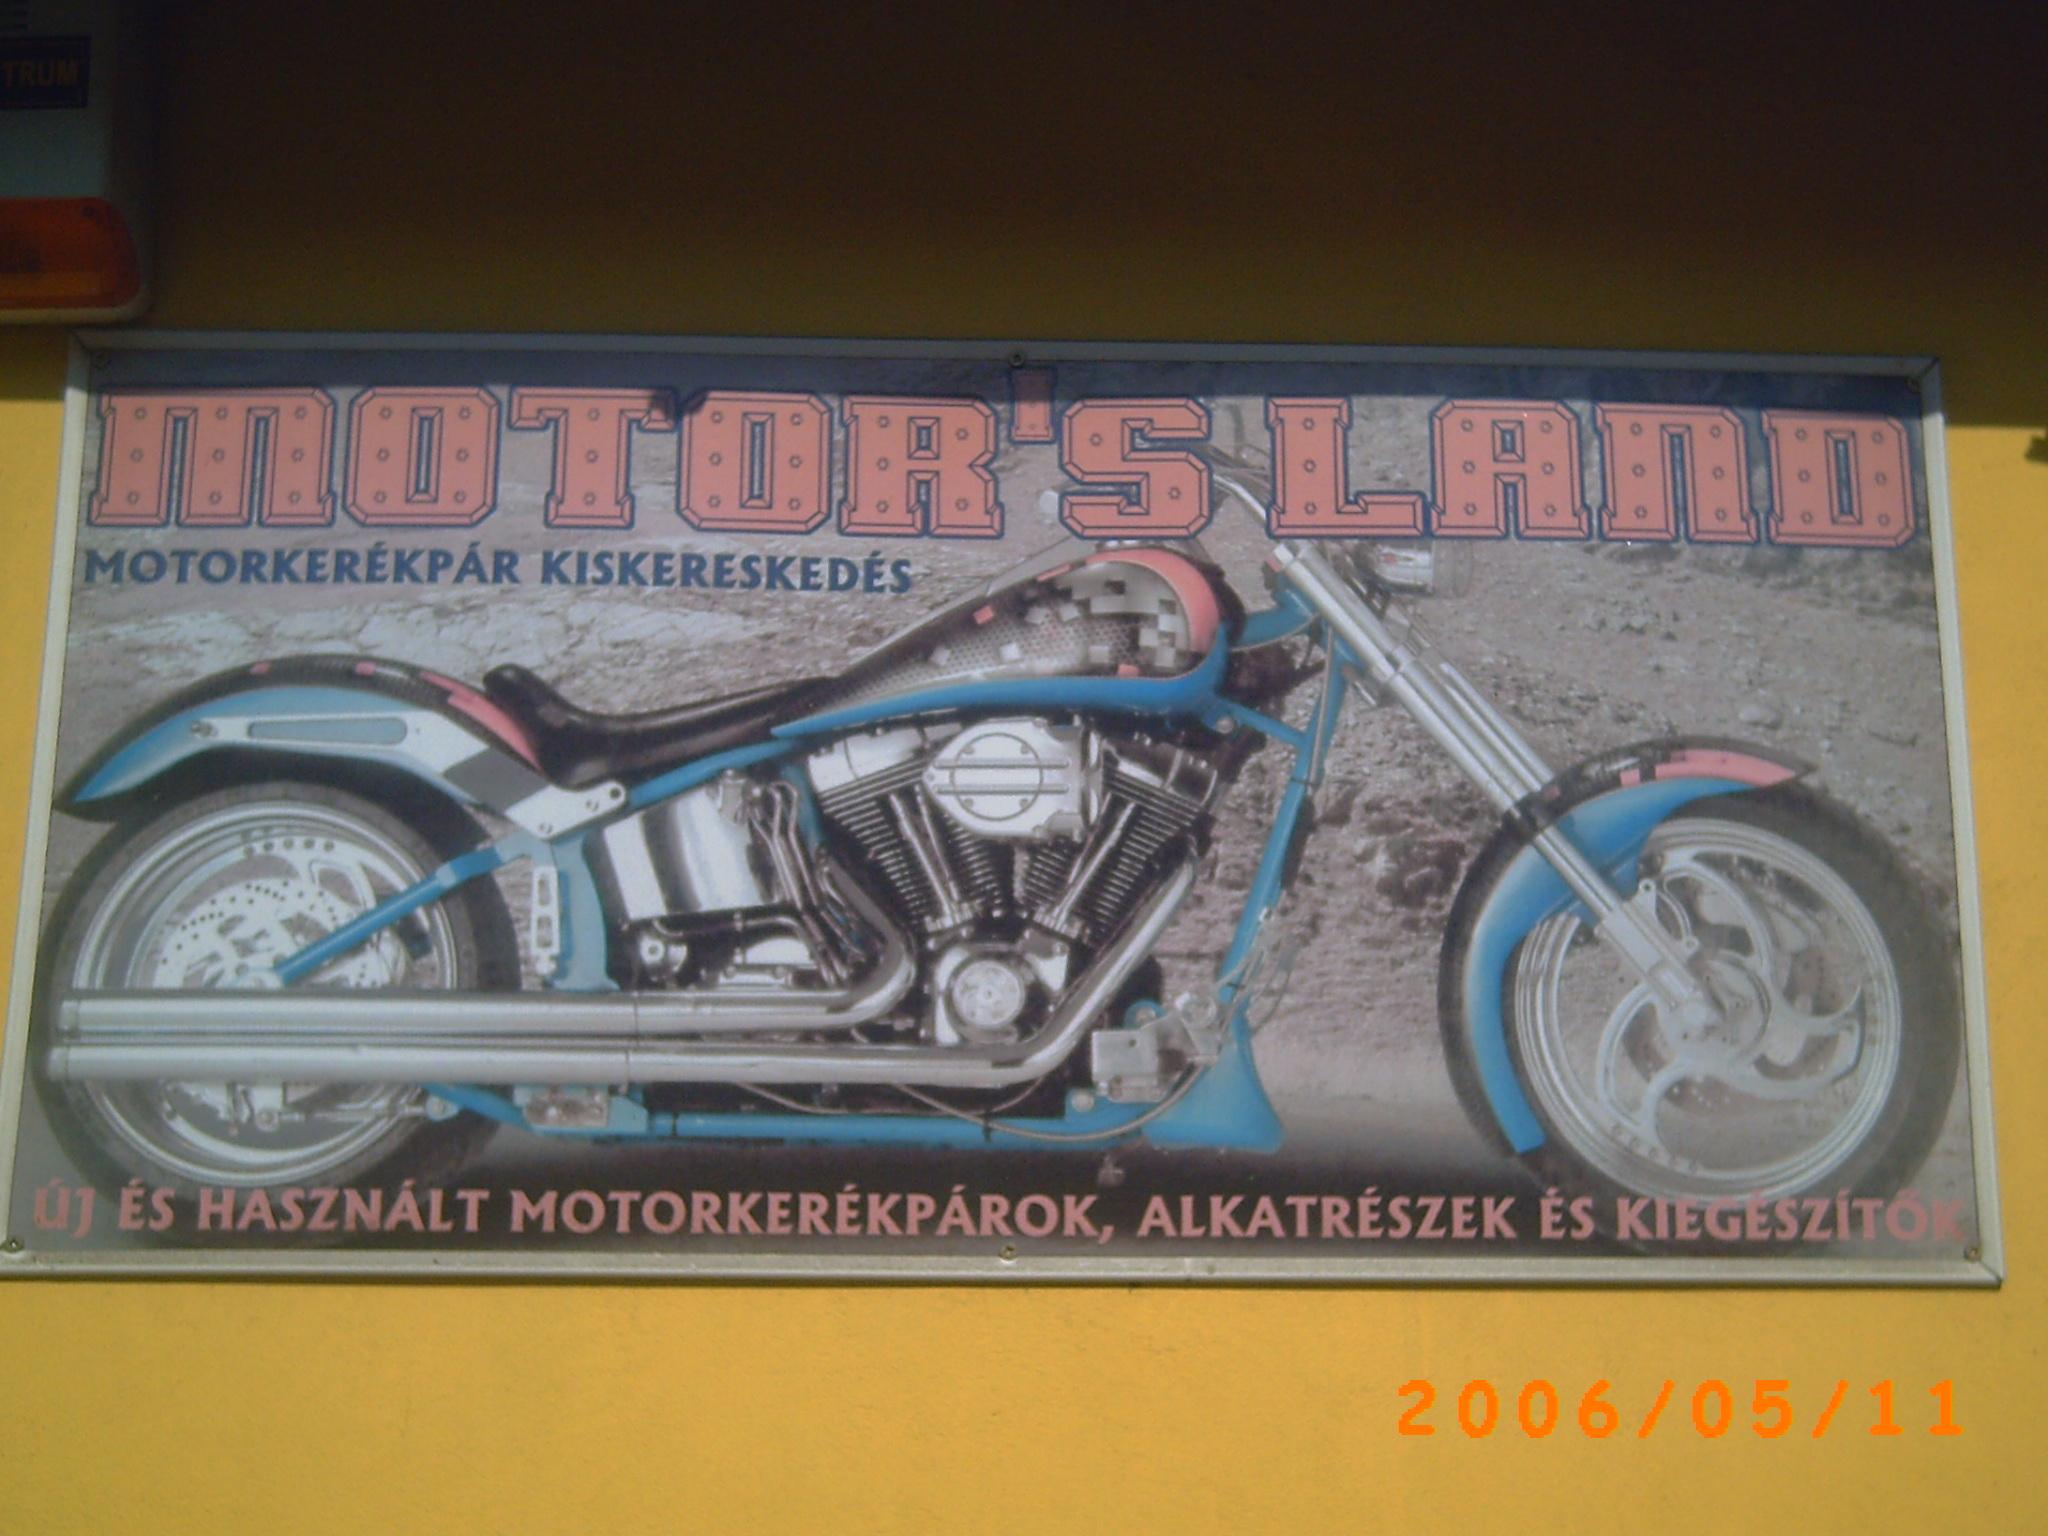 2690c5f75a80 Simson és egyéb motorkerékpárok alkatrészei, használtmotor adás-vétel,  simson klubkártyával rendelkezőknek alkatrésztől függően minden simson  alkatrészre ...